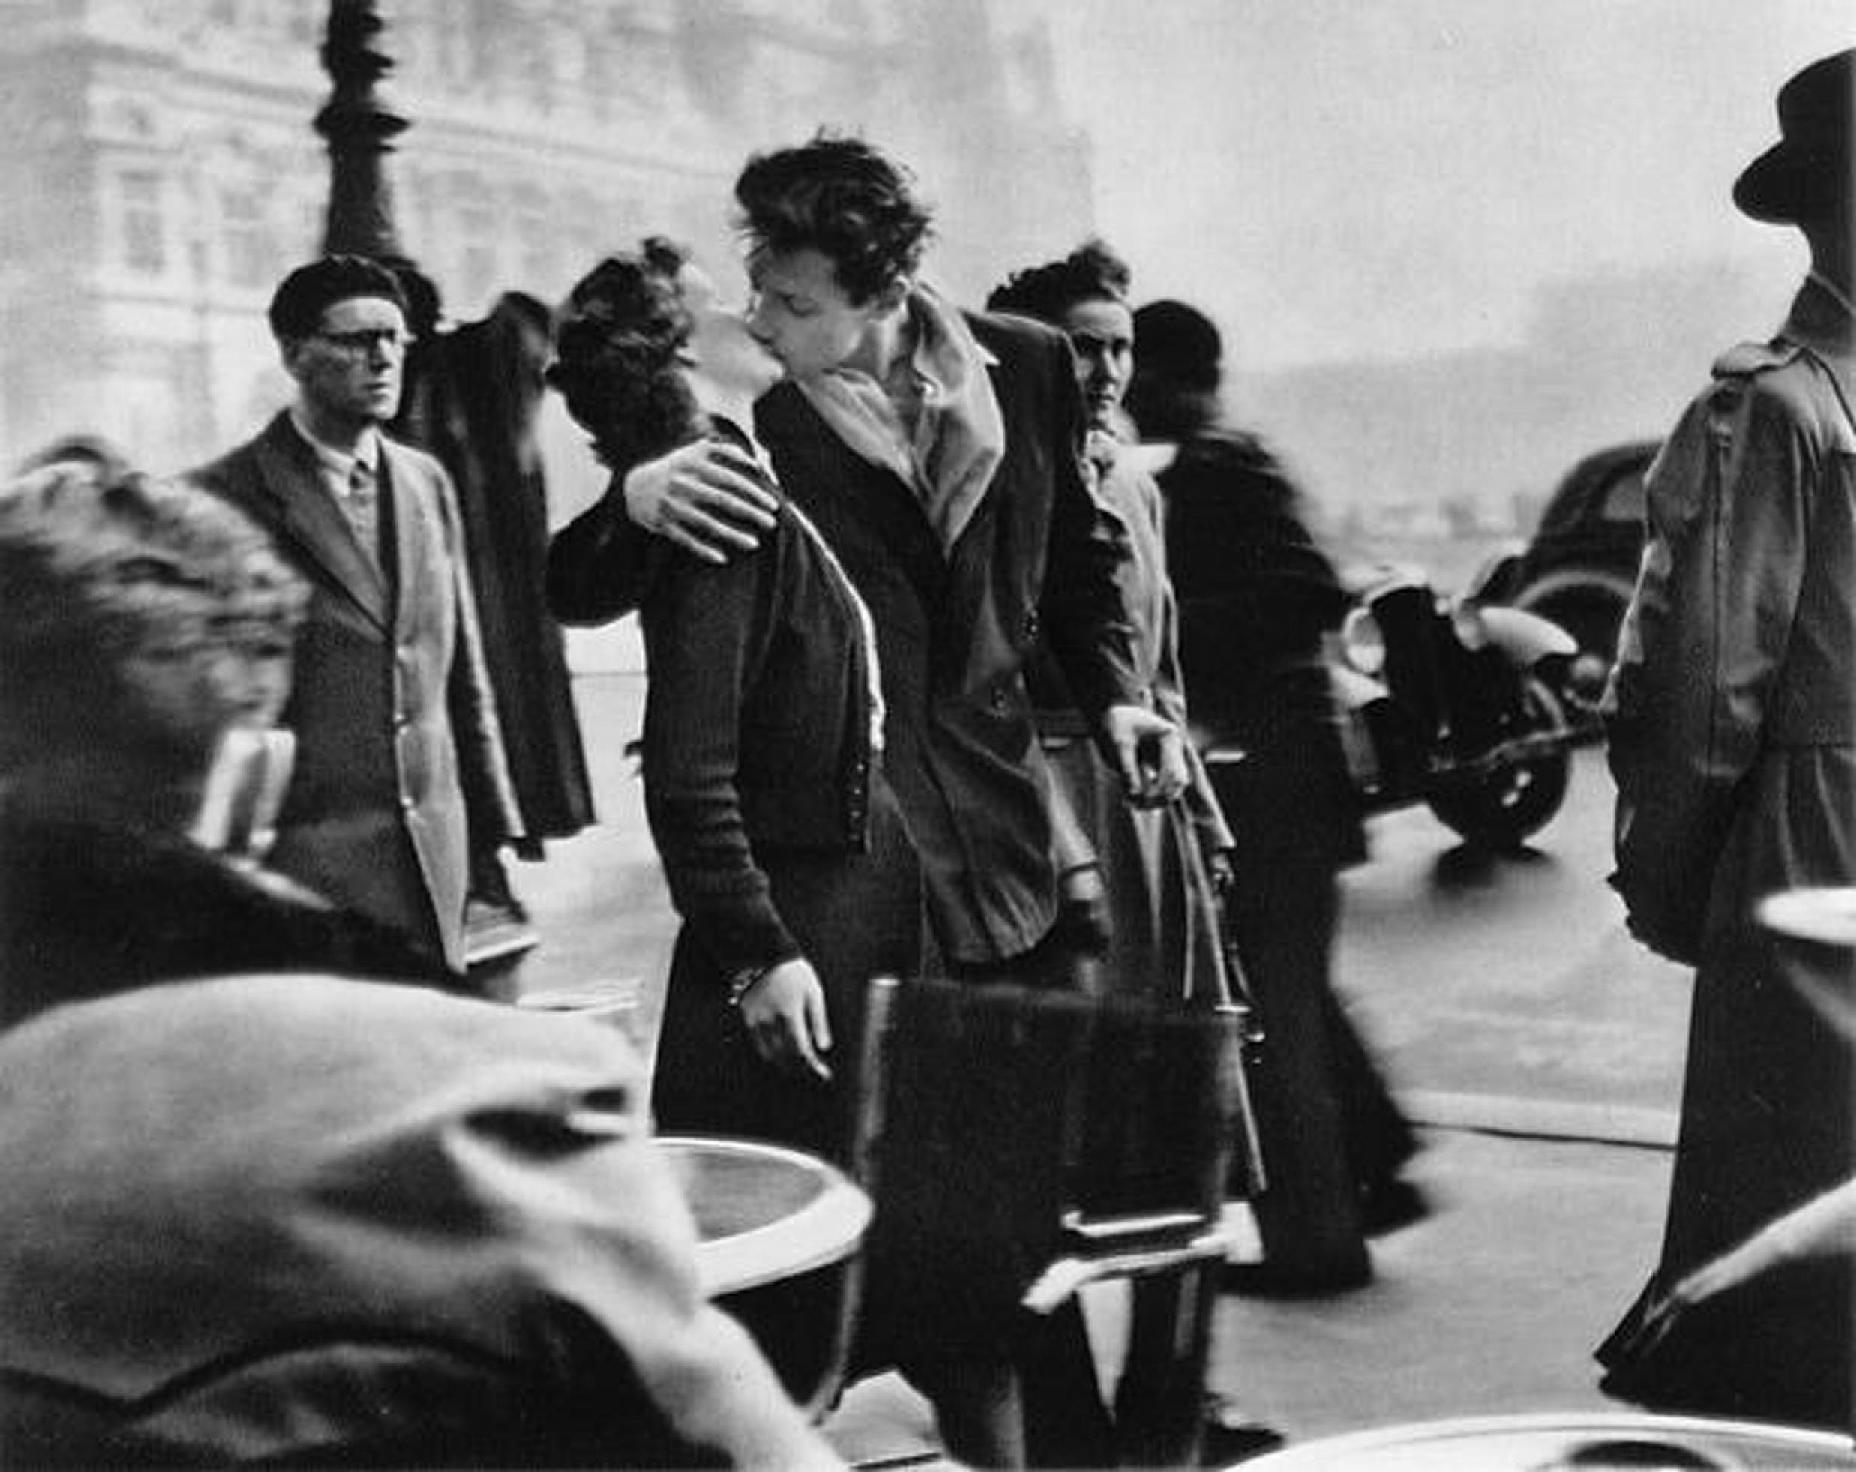 La mítica fotografía de Robert Doisneau se ha convertida en uno de los iconos de amor